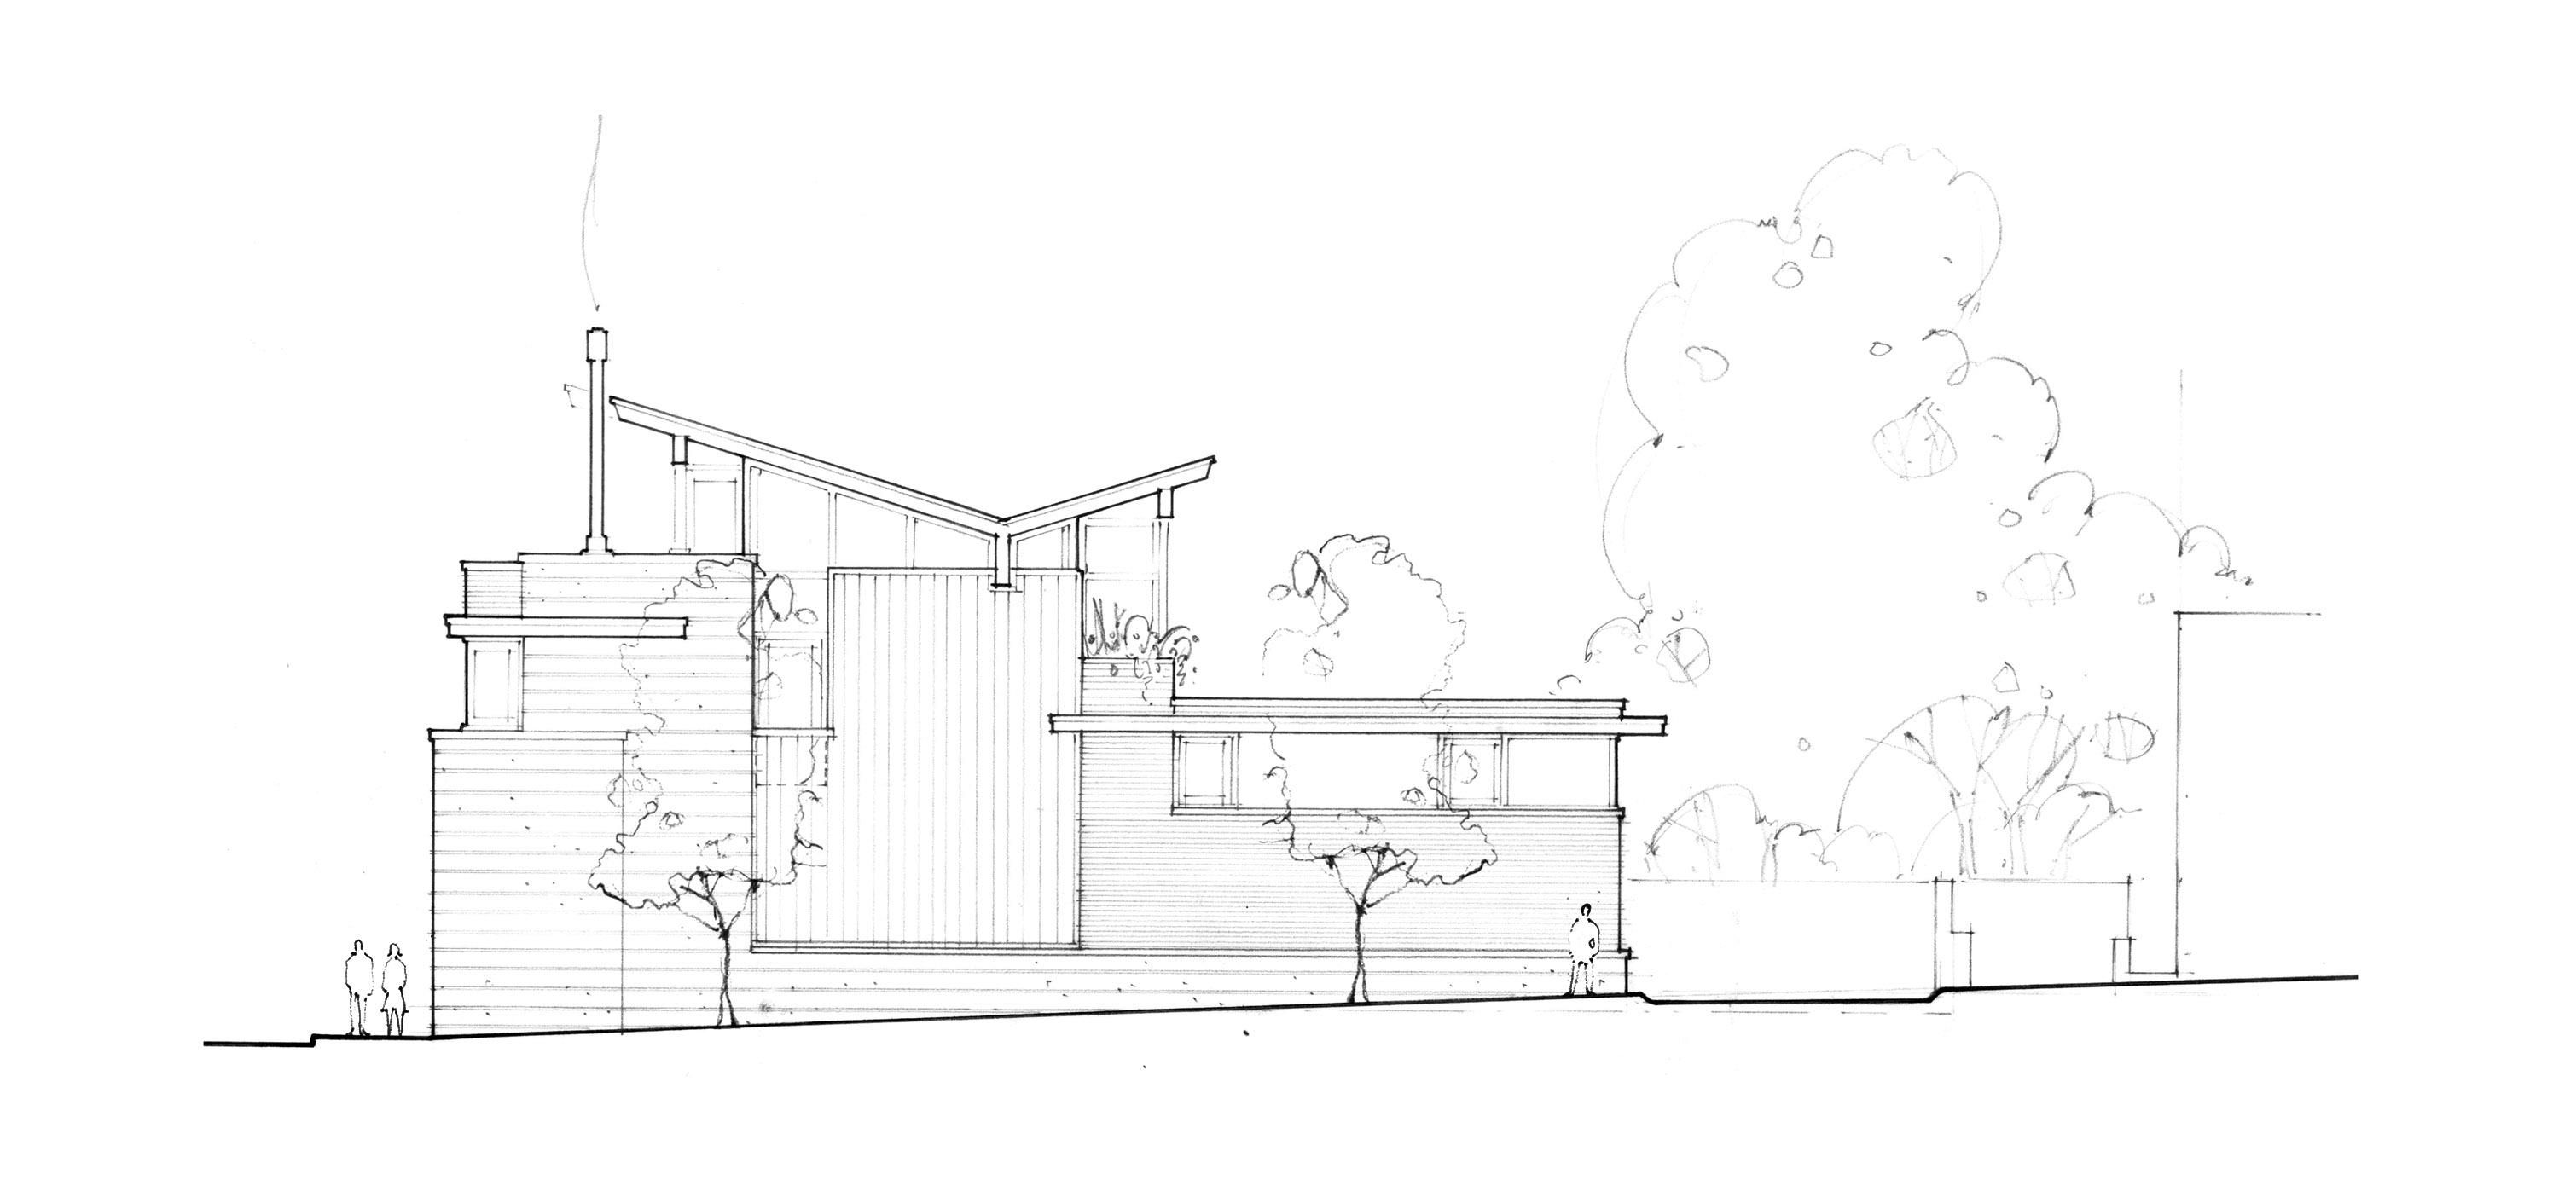 Margittai Architects